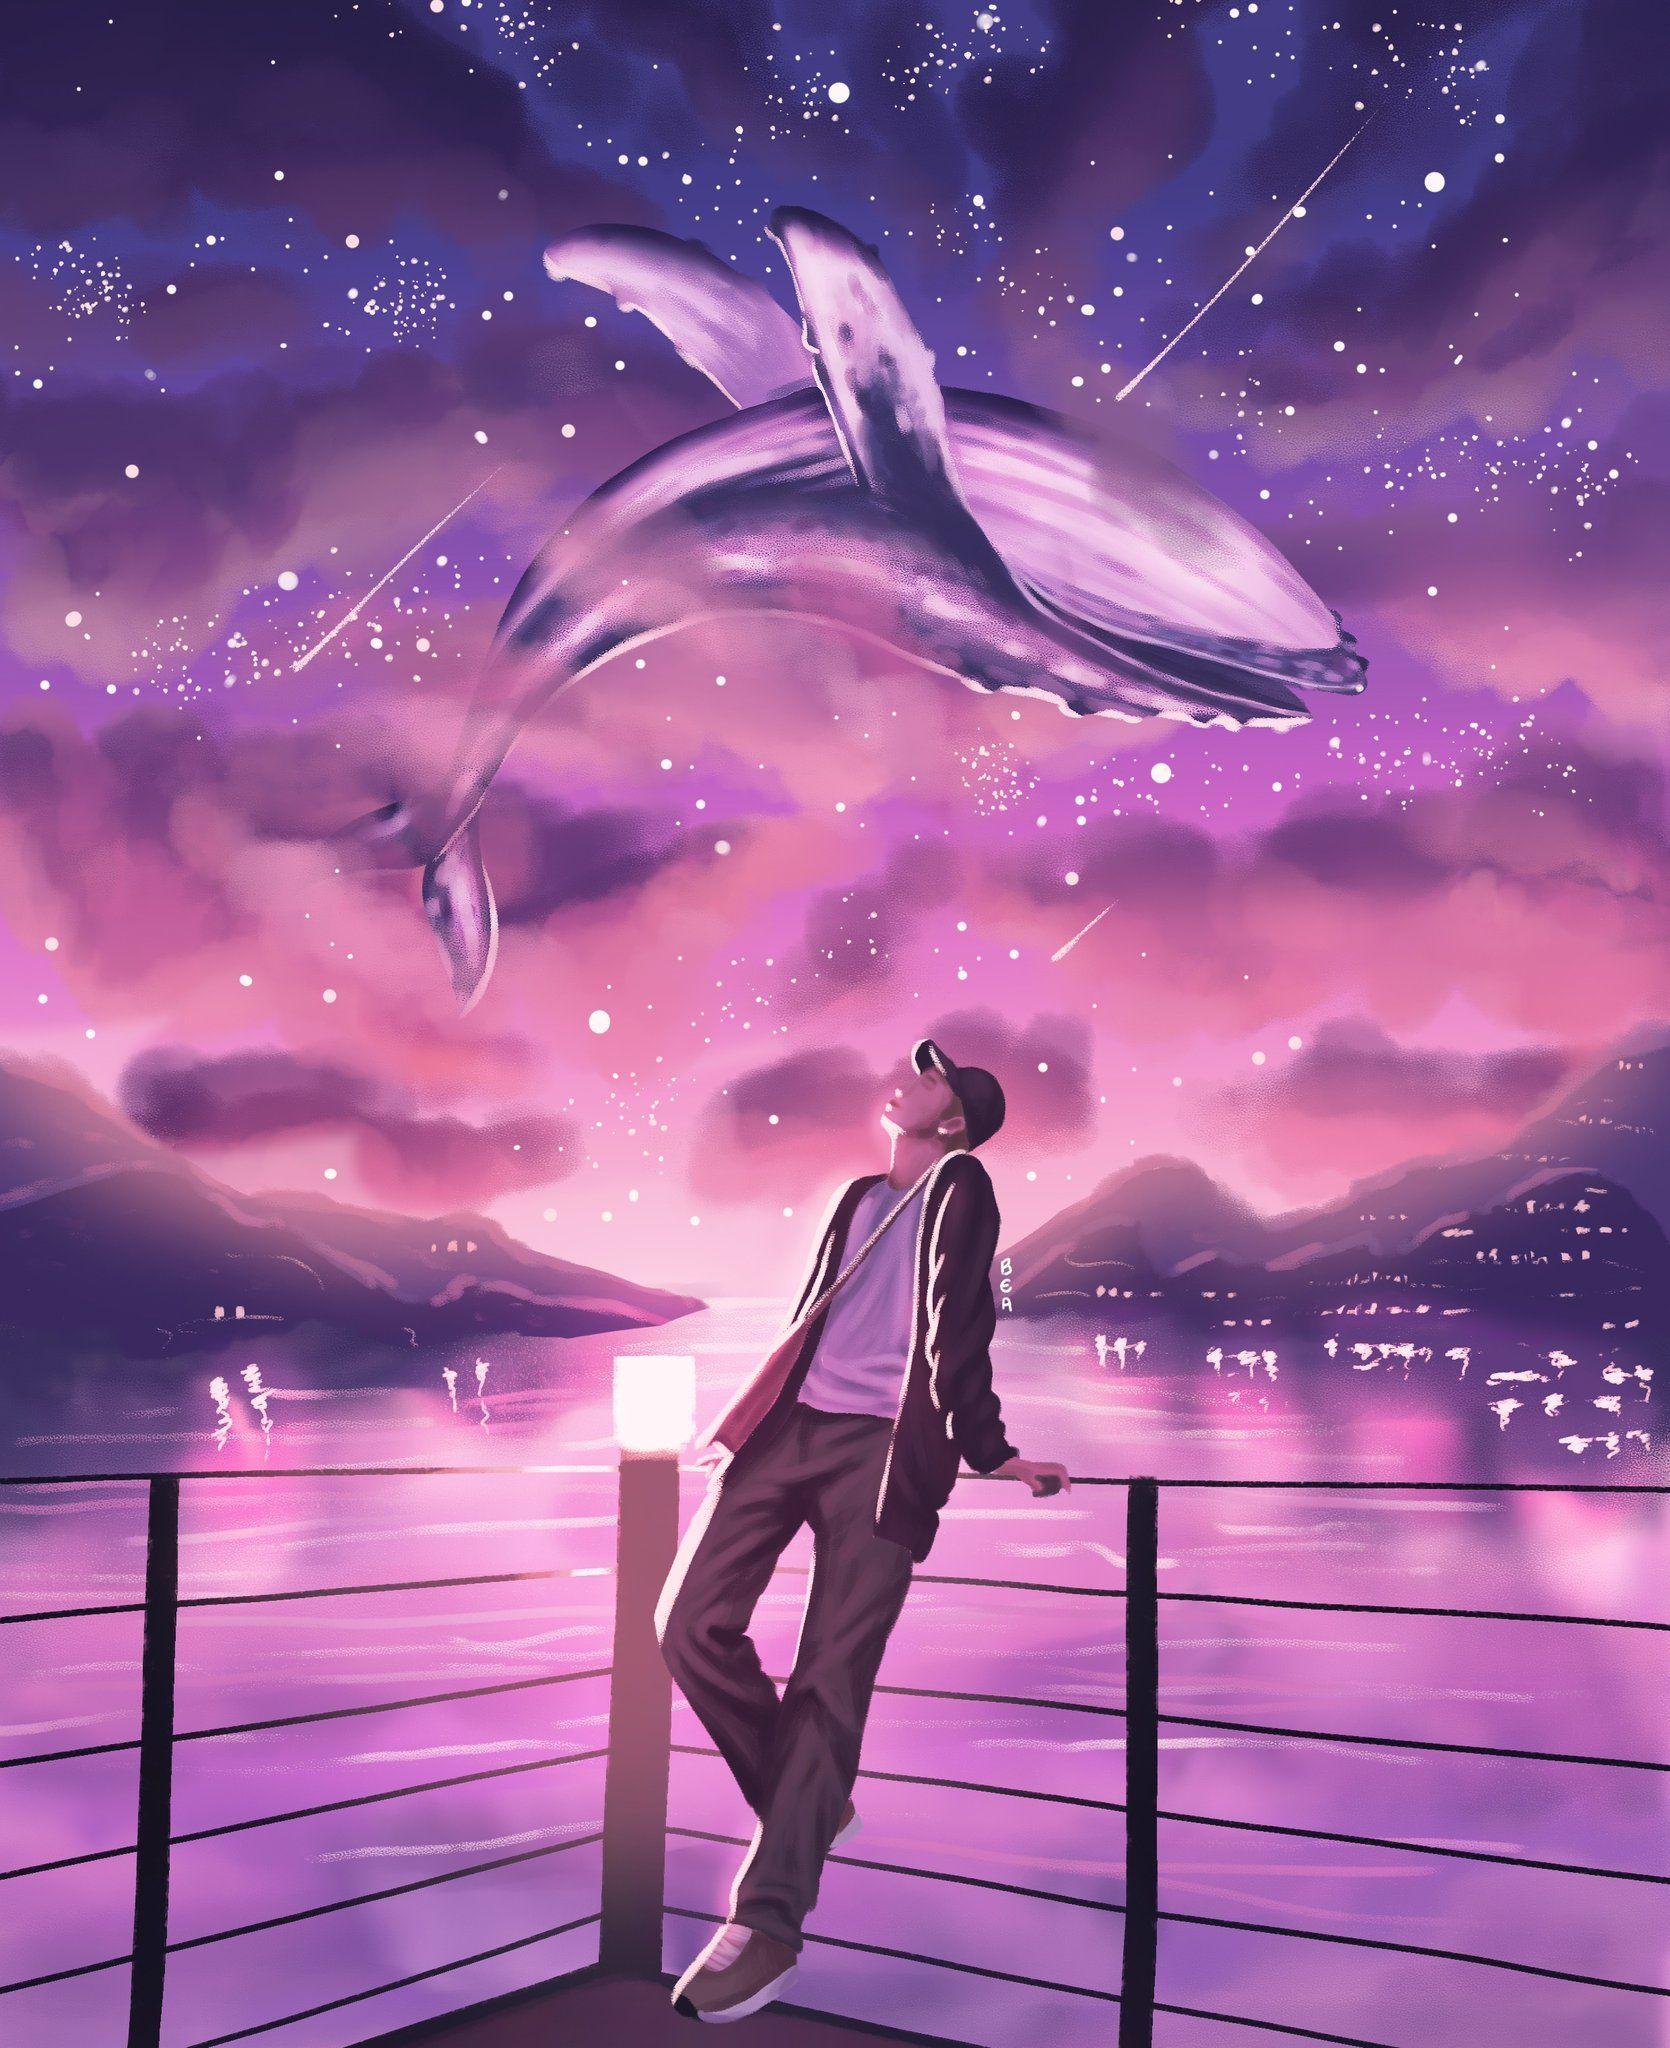 Bea On Twitter Bts Wallpaper Bts Fanart Bts Drawings Bts purple whale wallpaper